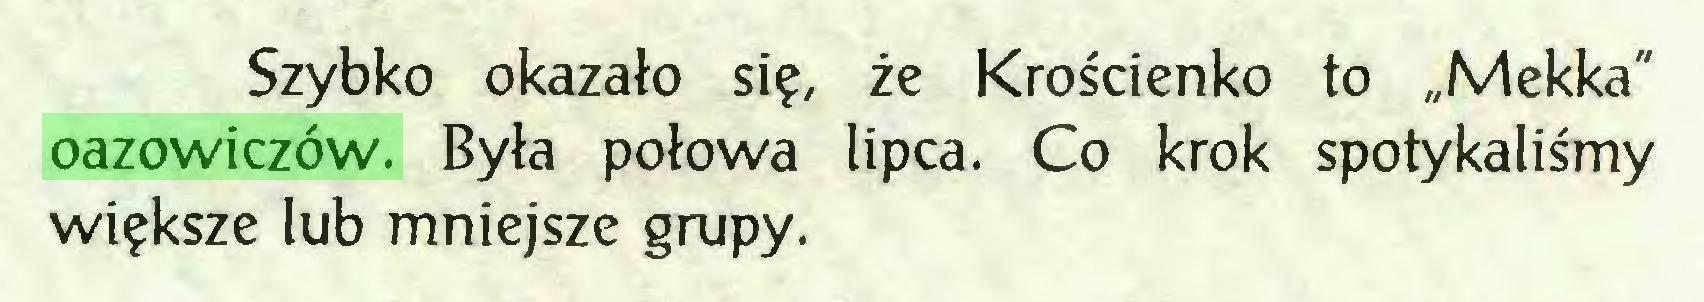 """(...) Szybko okazało się, że Krościenko to """"Mekka"""" oazowiczów. Była połowa lipca. Co krok spotykaliśmy większe lub mniejsze grupy..."""